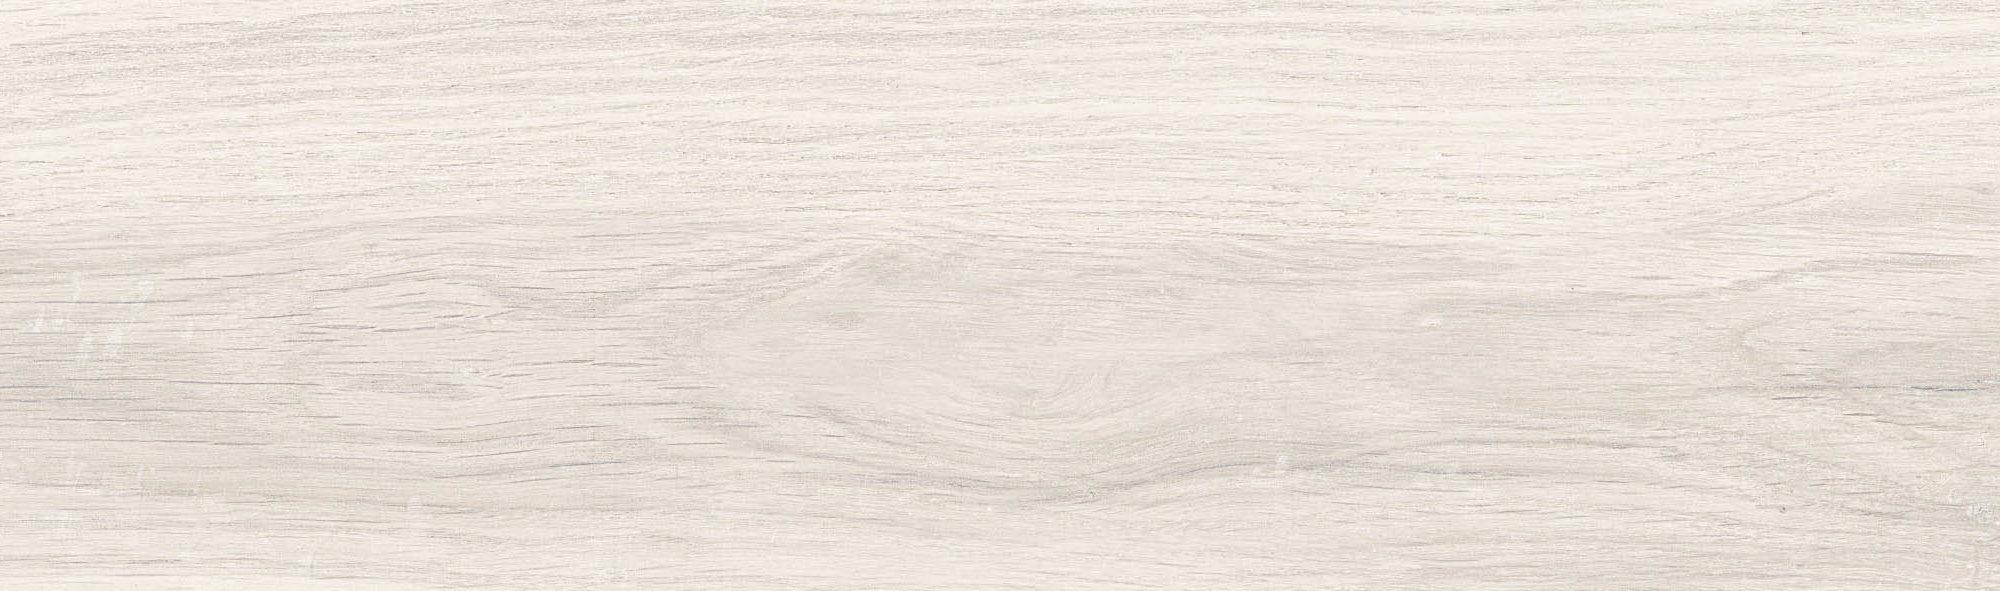 PINEWOOD WHITE 15X60